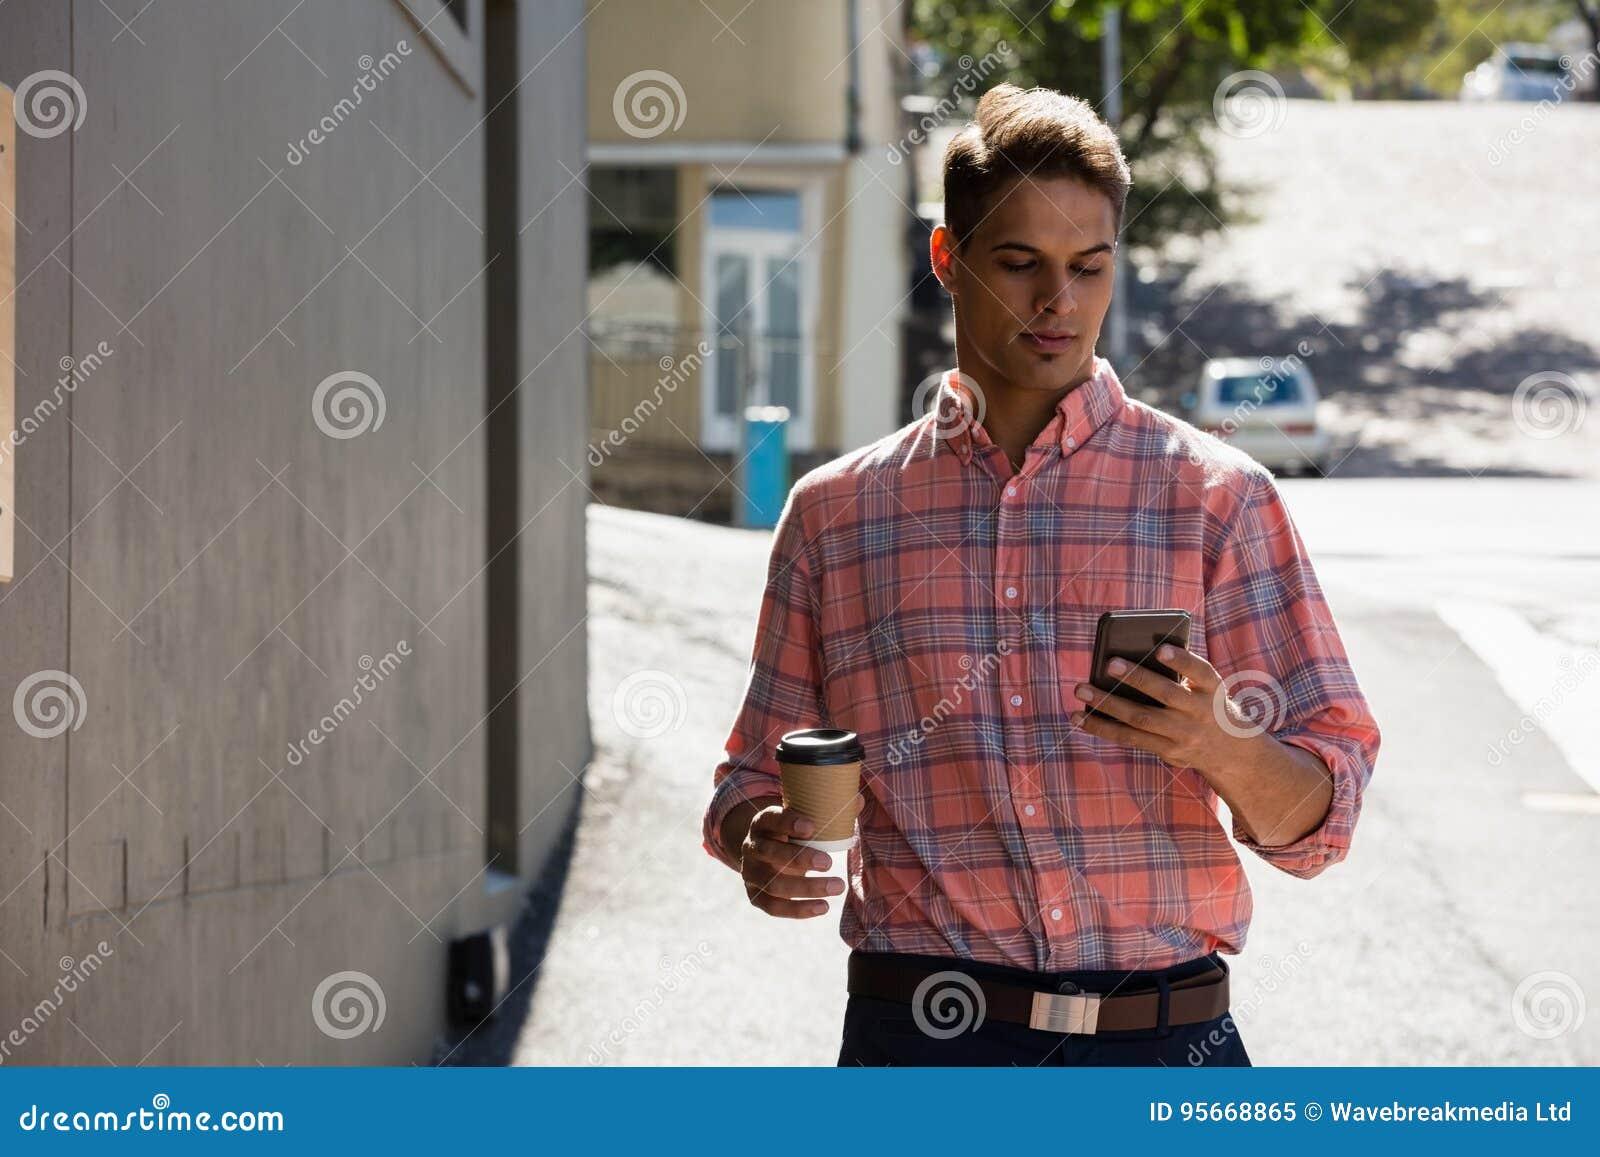 Νεαρός άνδρας που χρησιμοποιεί το τηλέφωνο περπατώντας με την οικοδόμηση